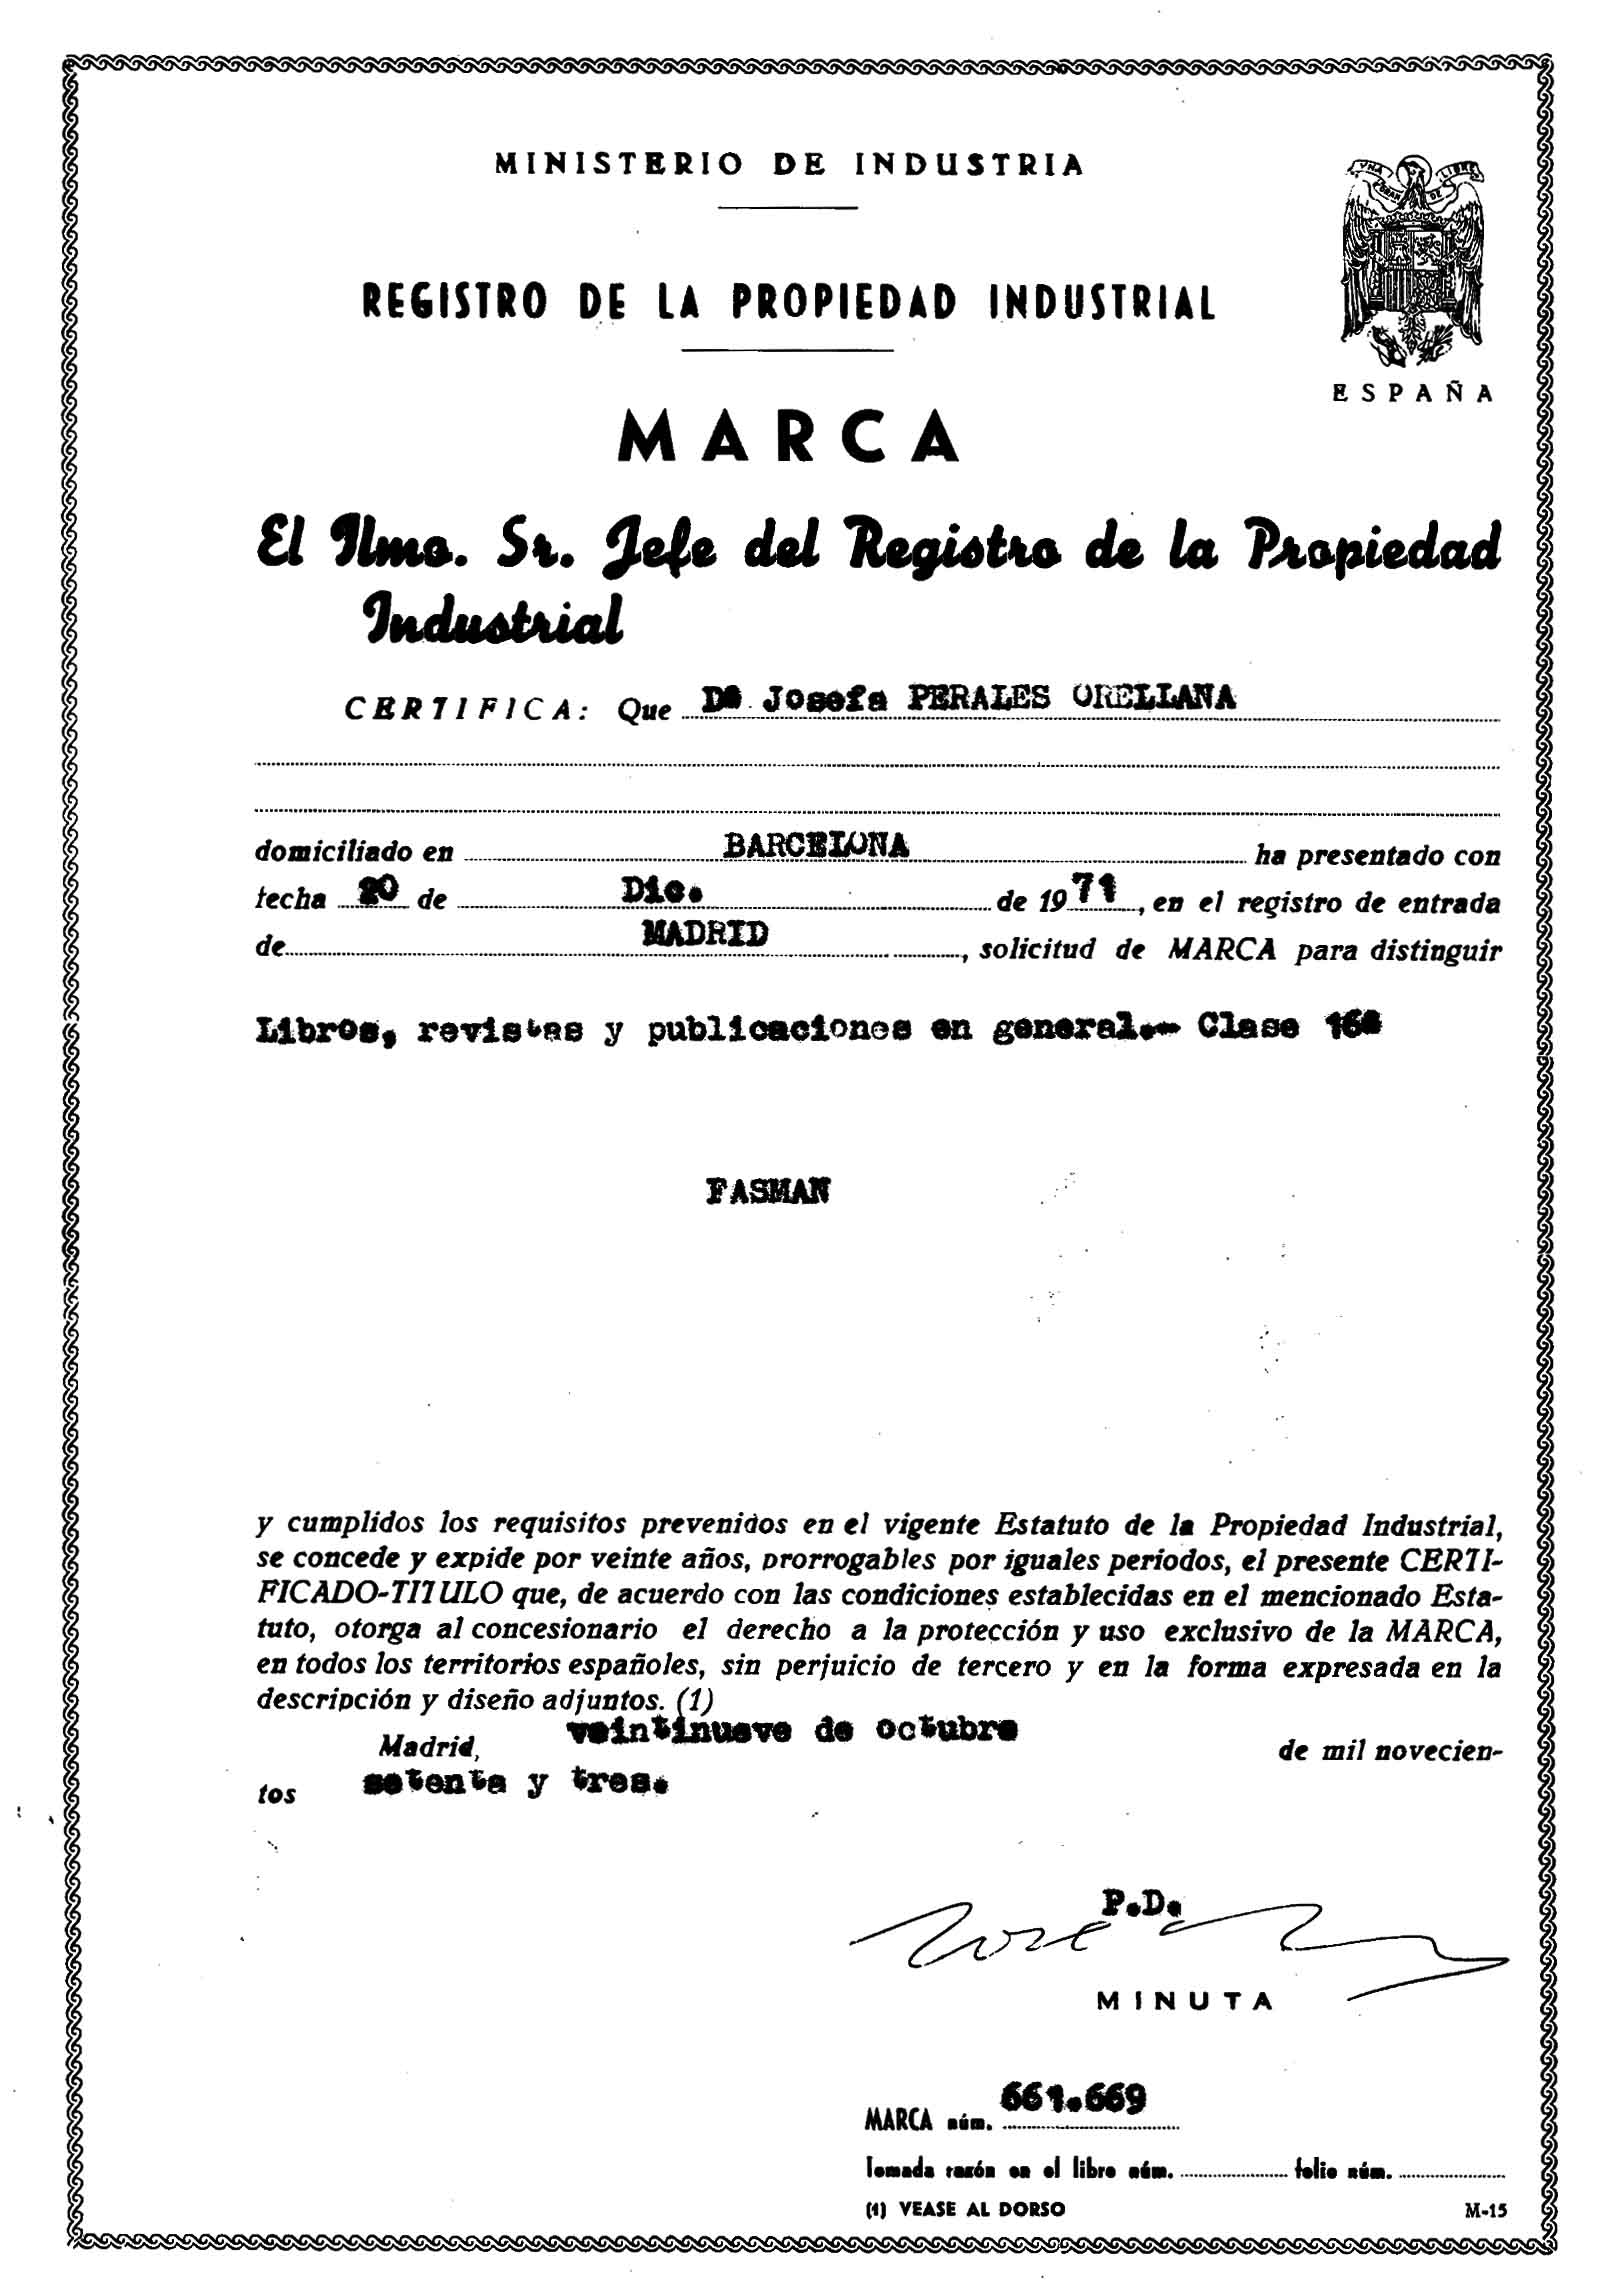 Certificado Marca FASMAN, 29 de octubre de 1973 Ministerio de Industria, Energía y Turismo. Oficina Española de Patentes y Marcas. Archivo Histórico, Exp. Nº M0661669.